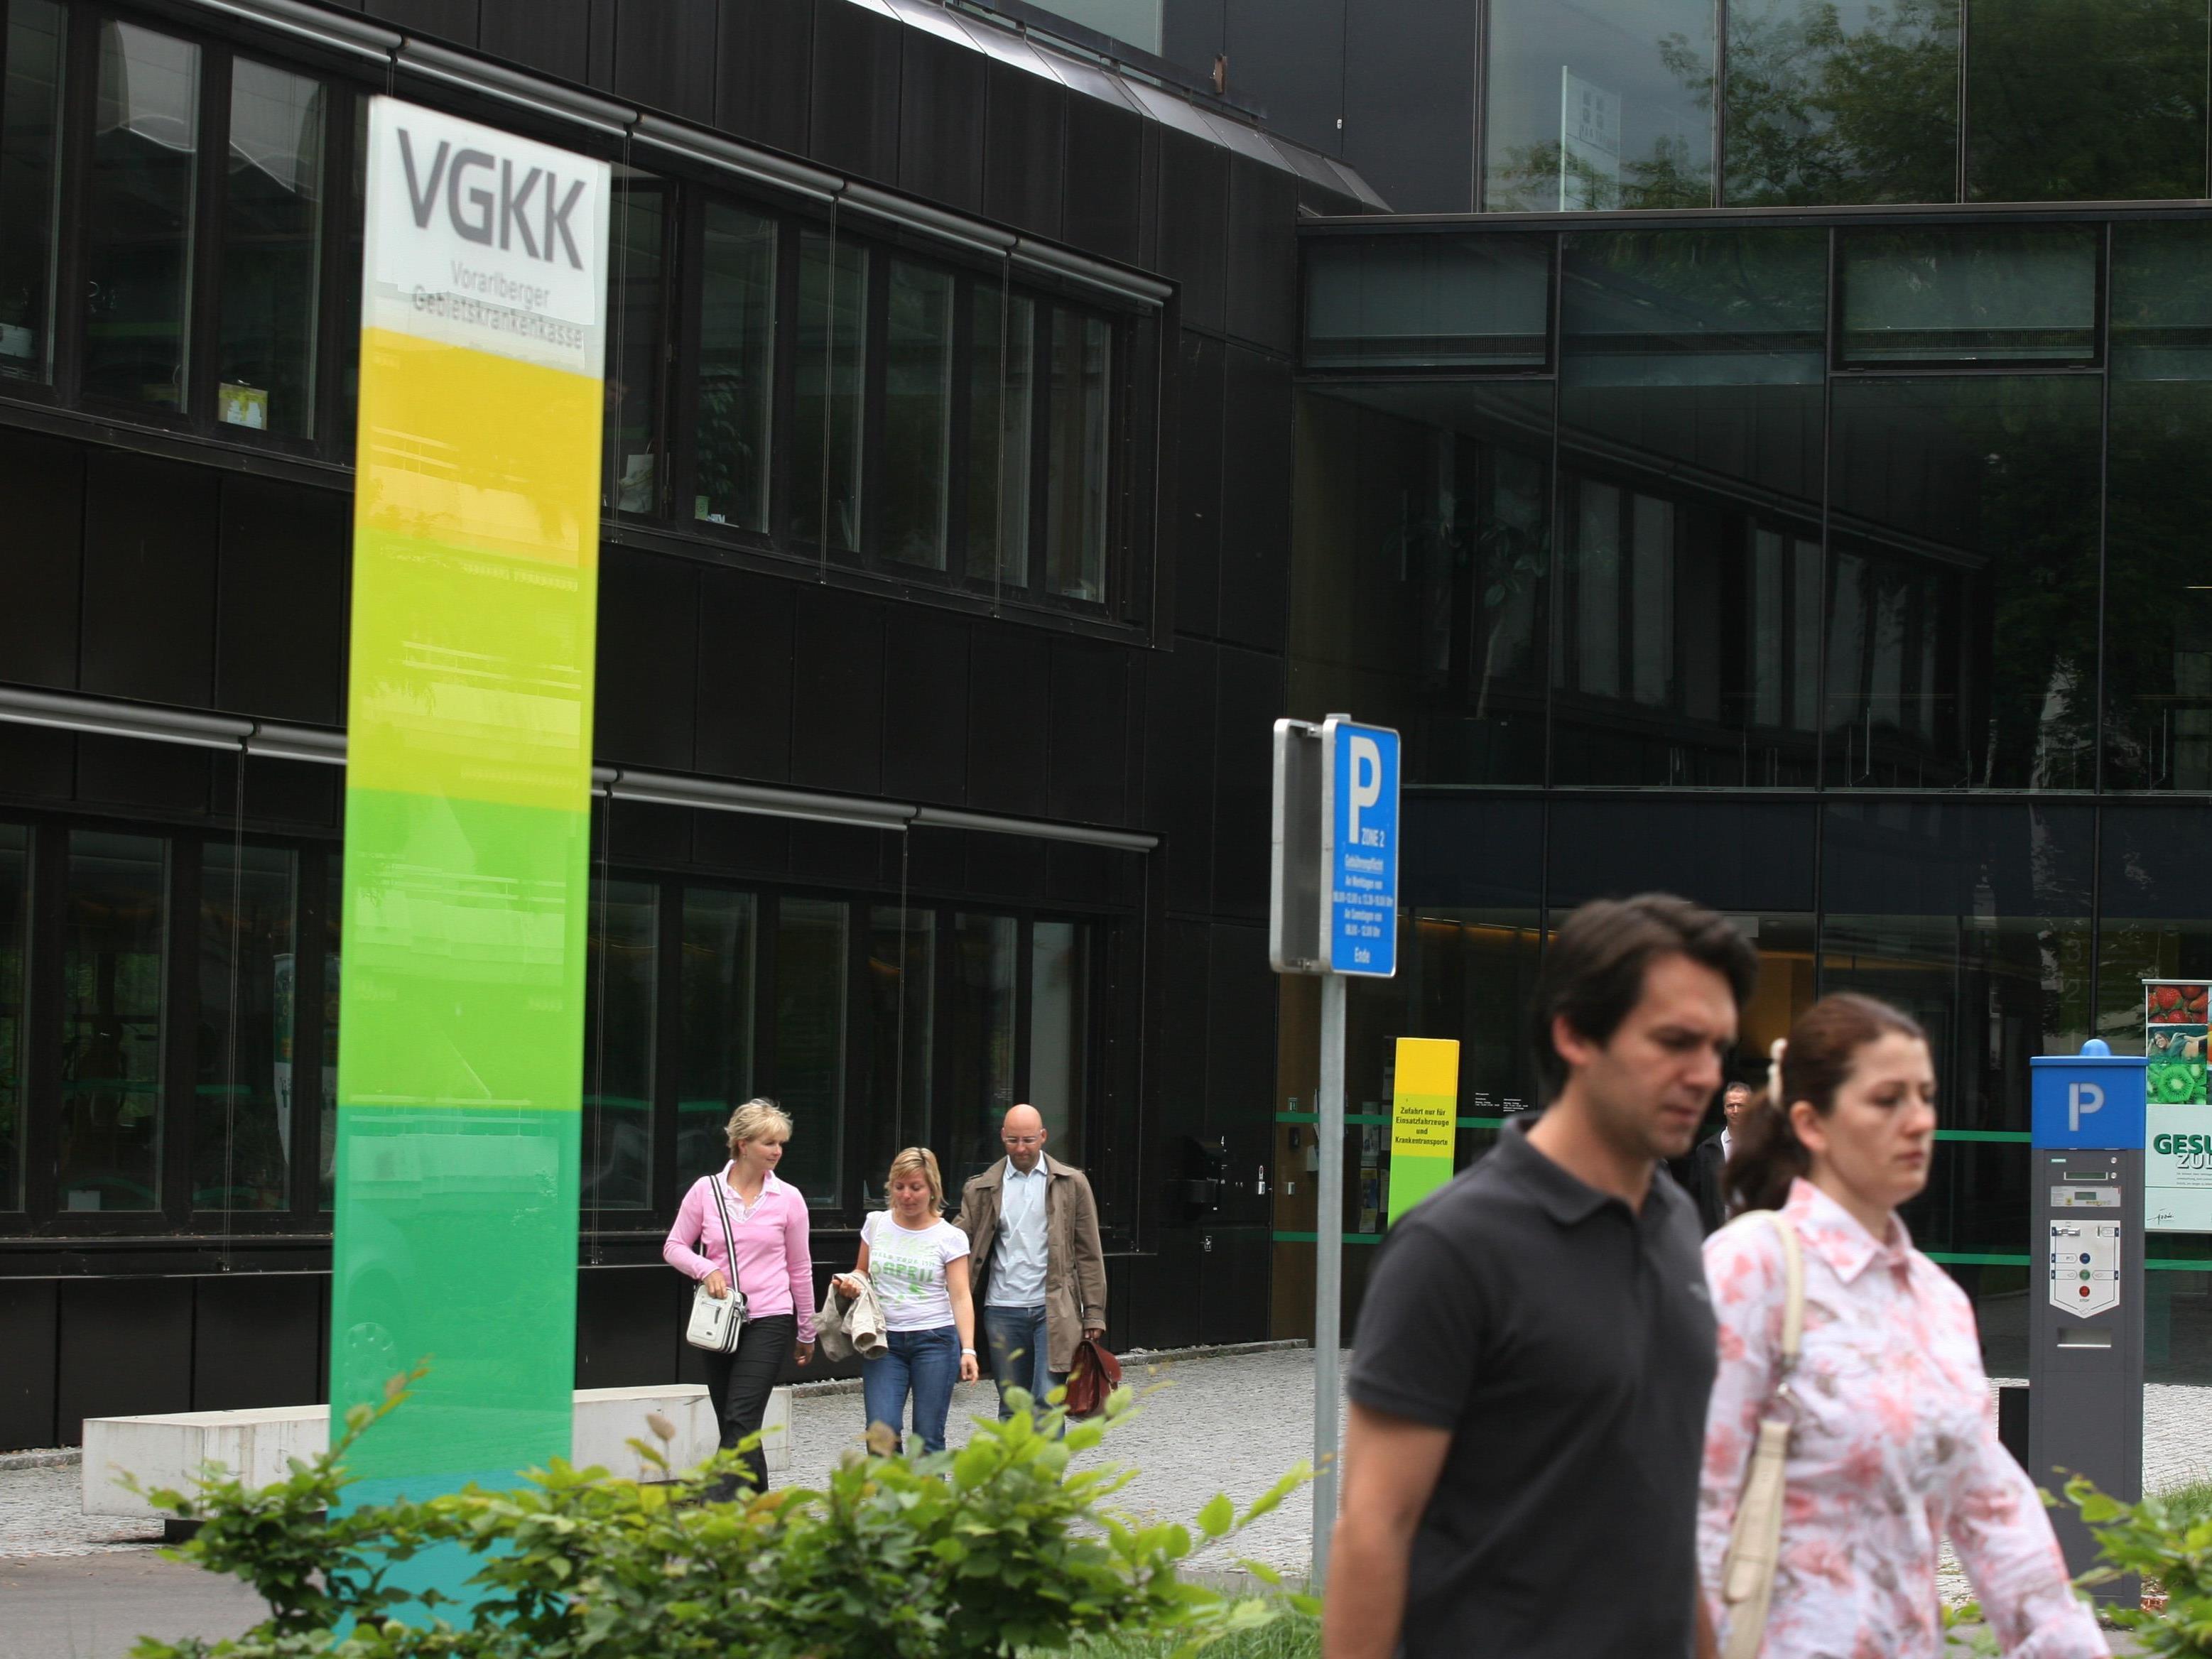 Die Vorarlberger Gebietskrankenkasse prüfte 1400 Betriebe.